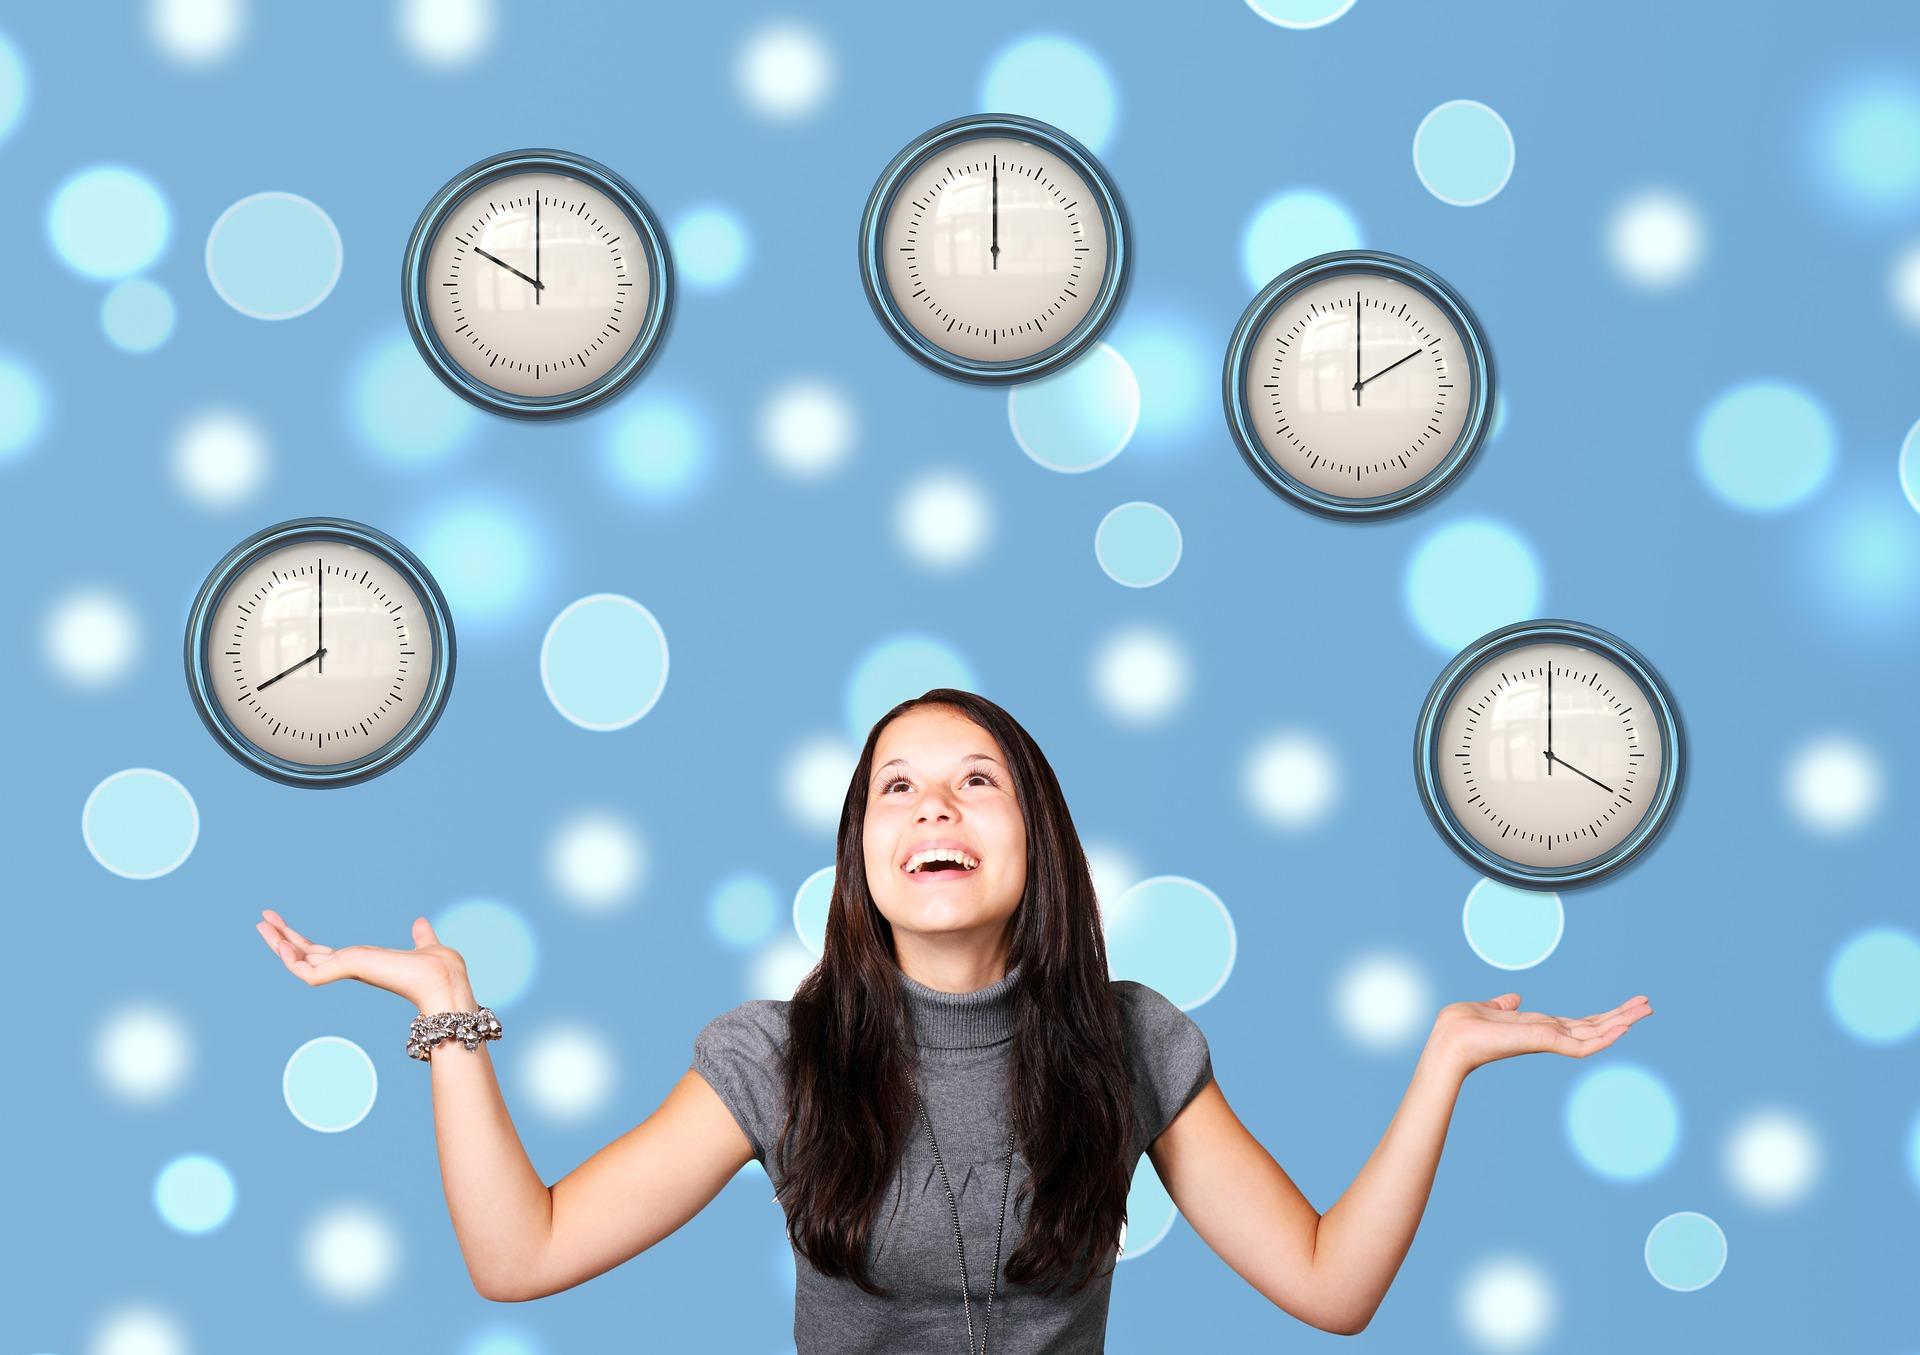 """""""Nine to five"""" war gestern! Vor allem erfolgreiche Mittelständler setzen auf flexible Arbeitszeitmodelle und sichern sich so einen Vorsprung für ihre Fachkräftegewinnung und Personalbindung."""